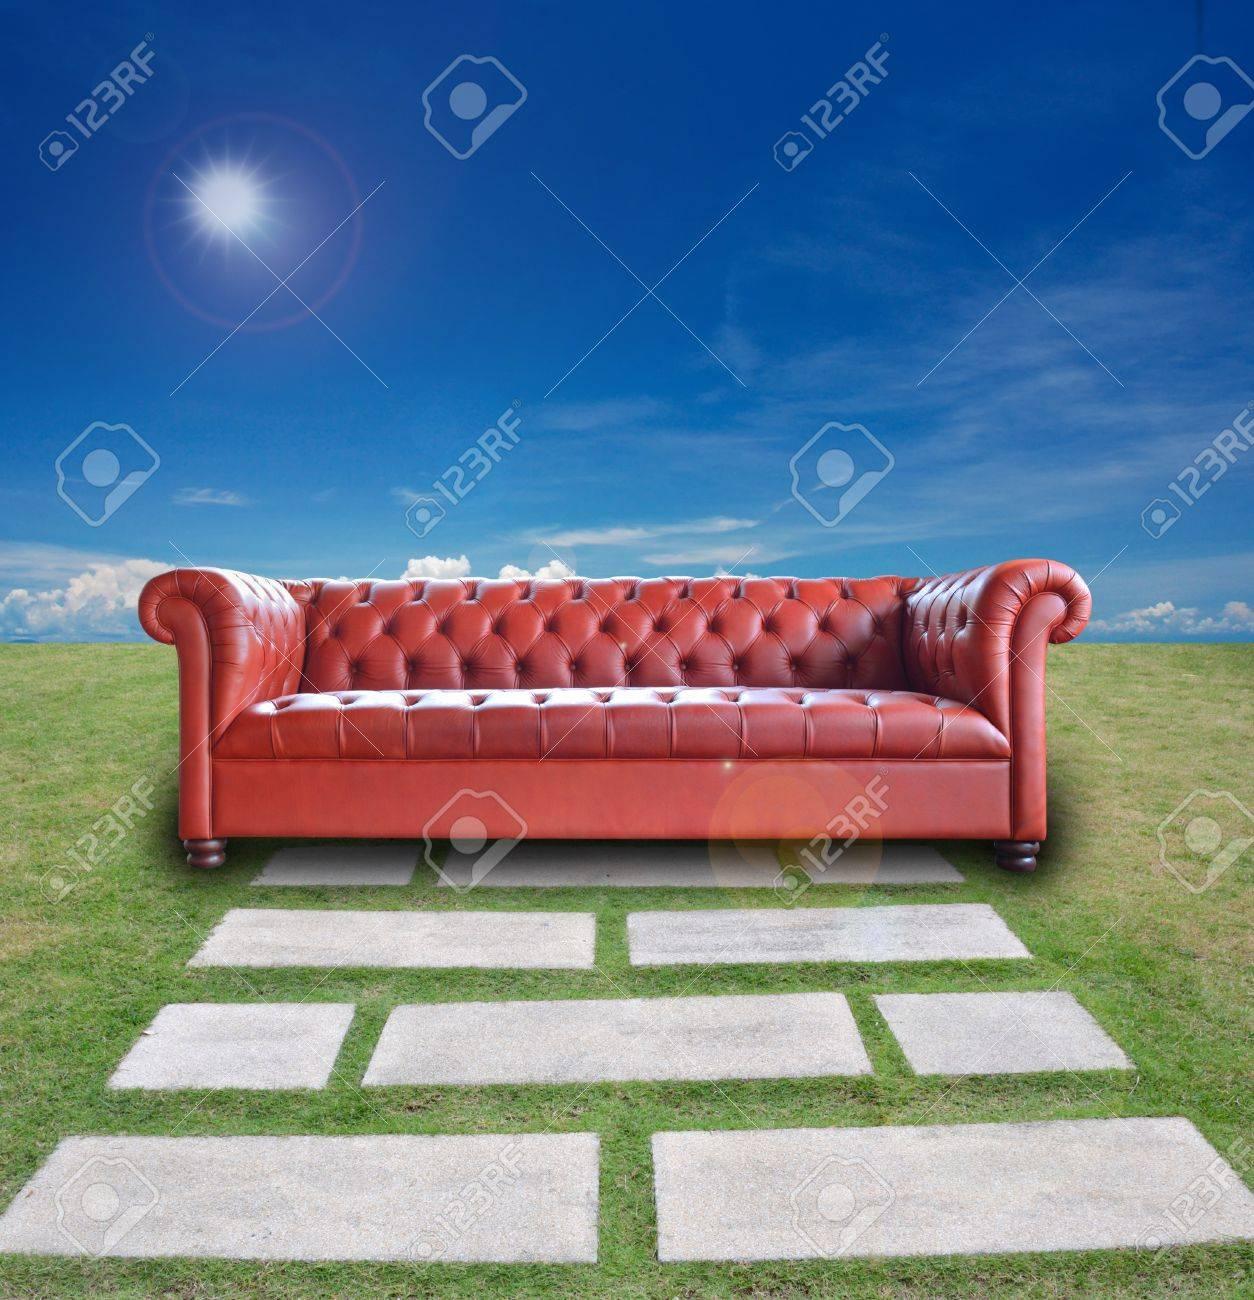 single vintage style sofa on nature background. Stock Photo - 10681039